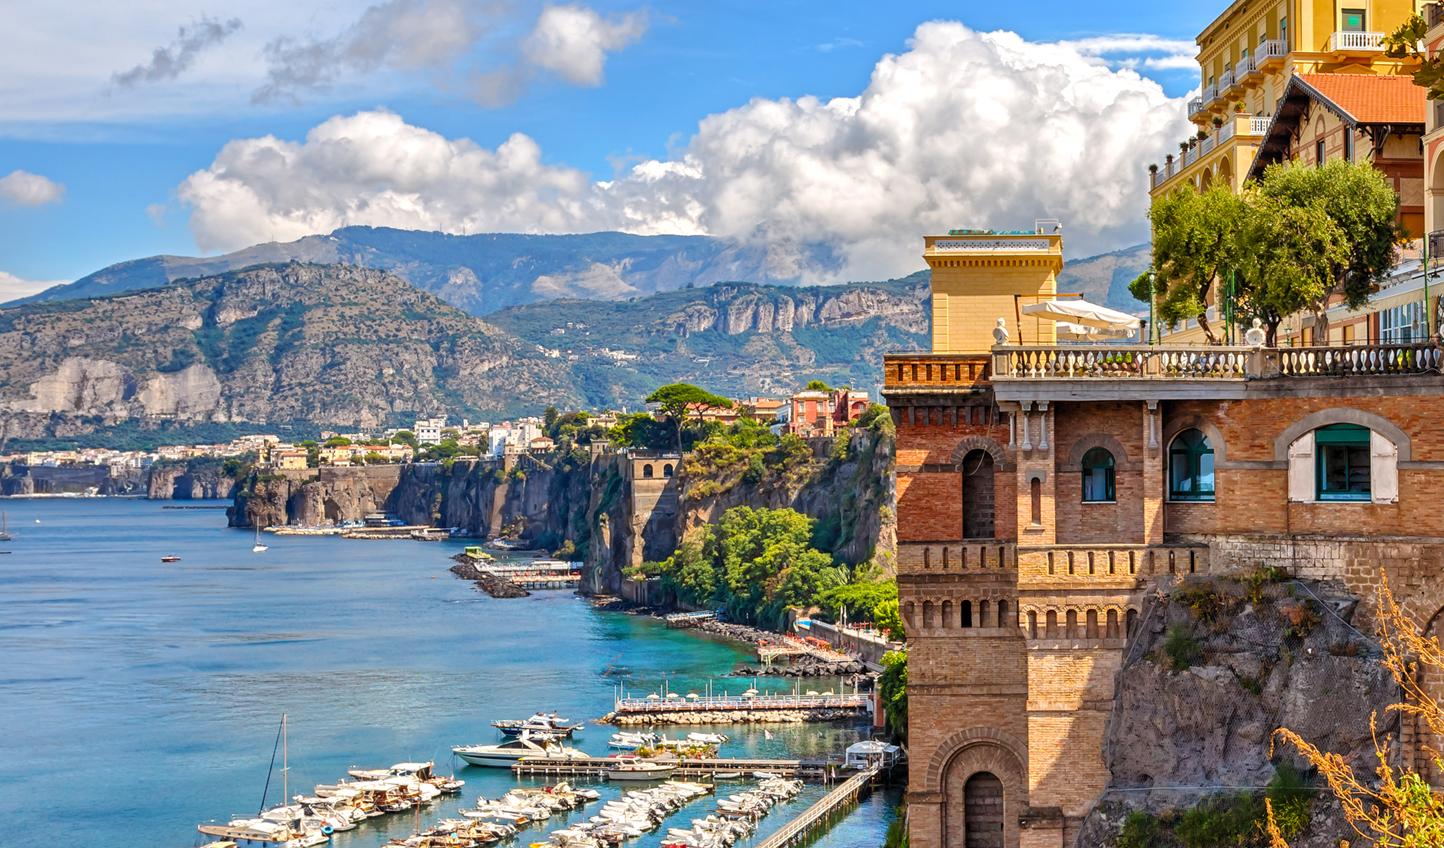 Soak up the sunshine in Sorrento